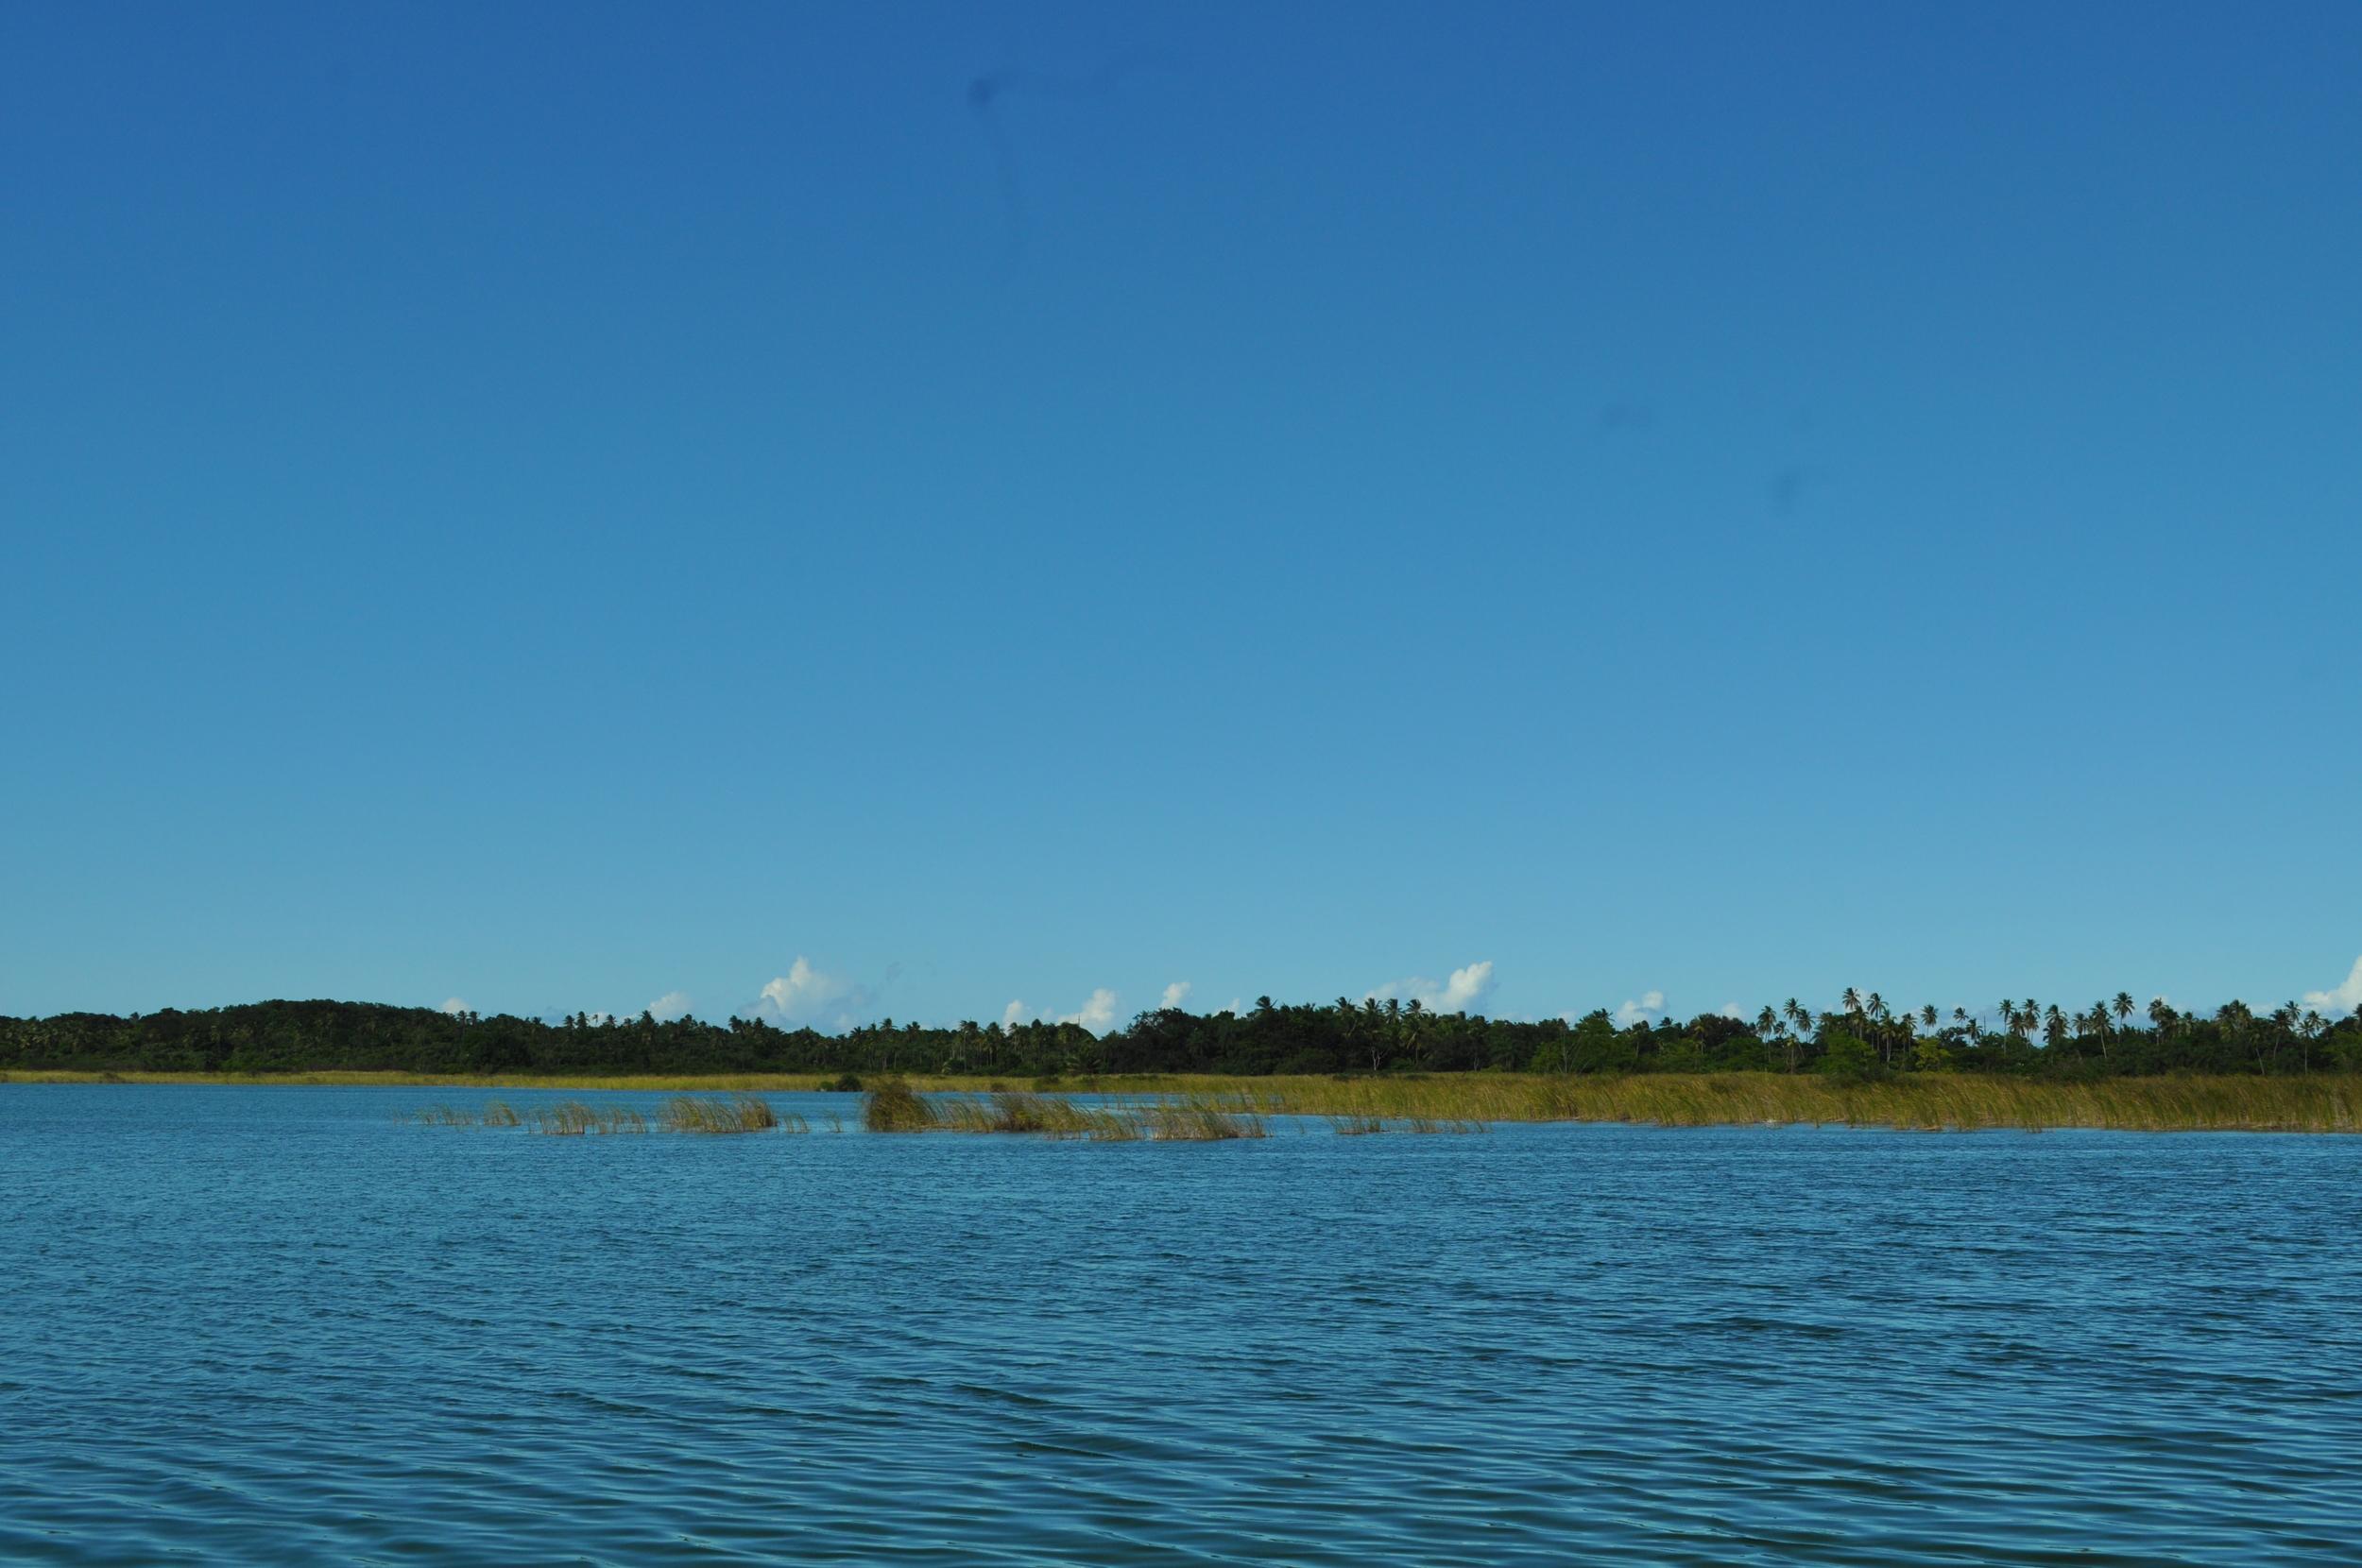 La laguna Tortuguero es la única laguna de agua dulce en la Isla que tiene conexión directa con el océano. Foto: Pamy Rojas